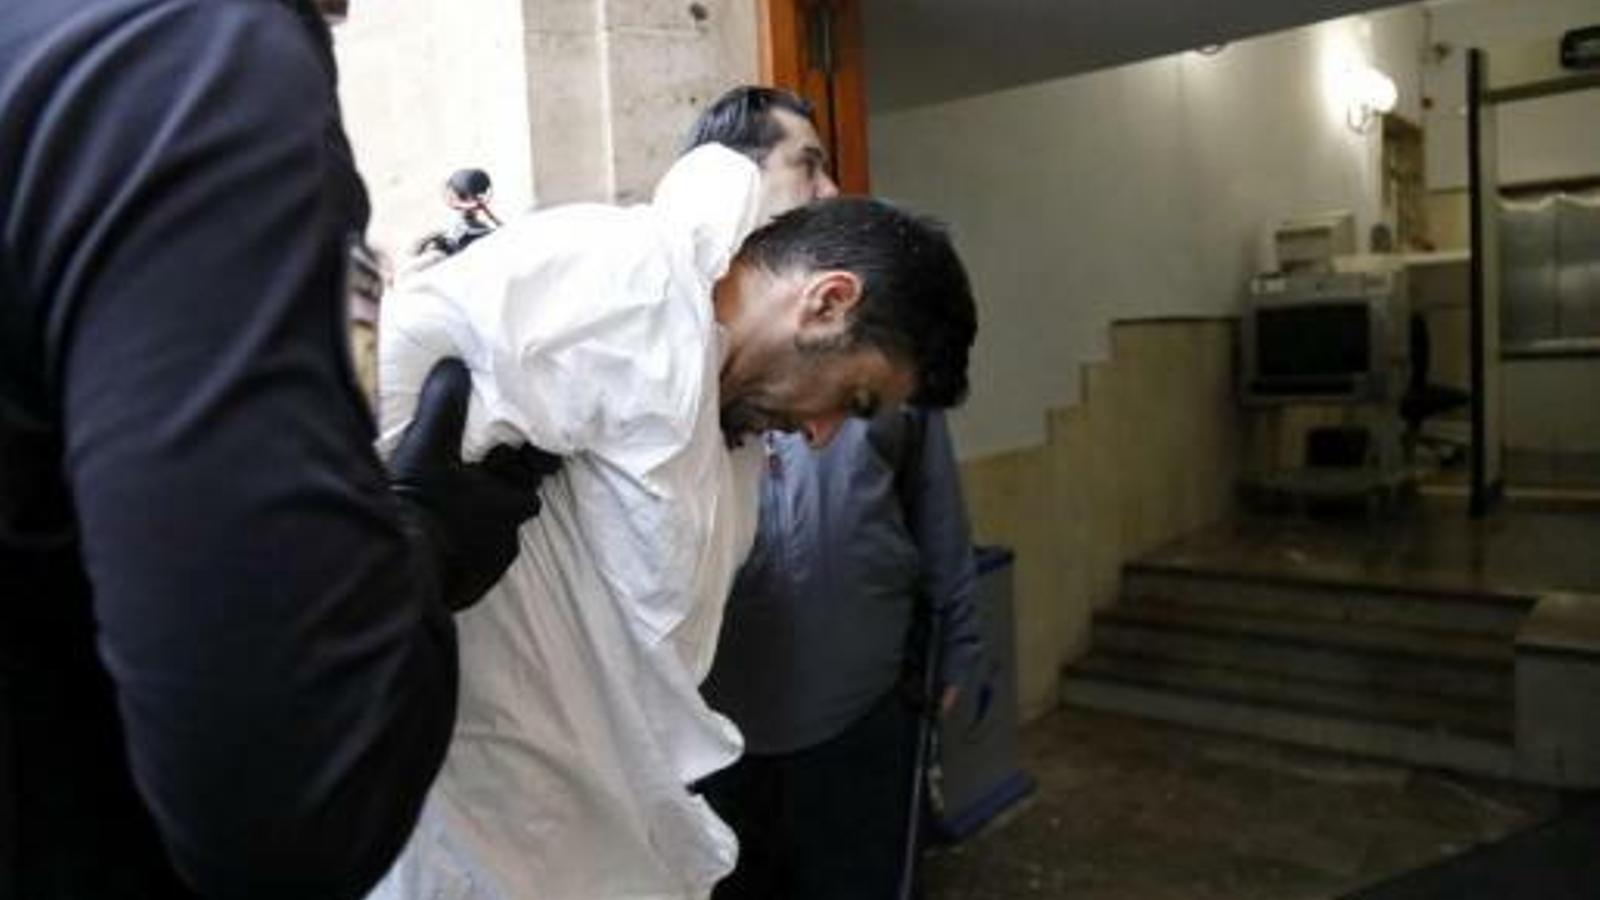 Pantoja en el moment de ser posat a disposició judicial al novembre / A. Sepúlveda